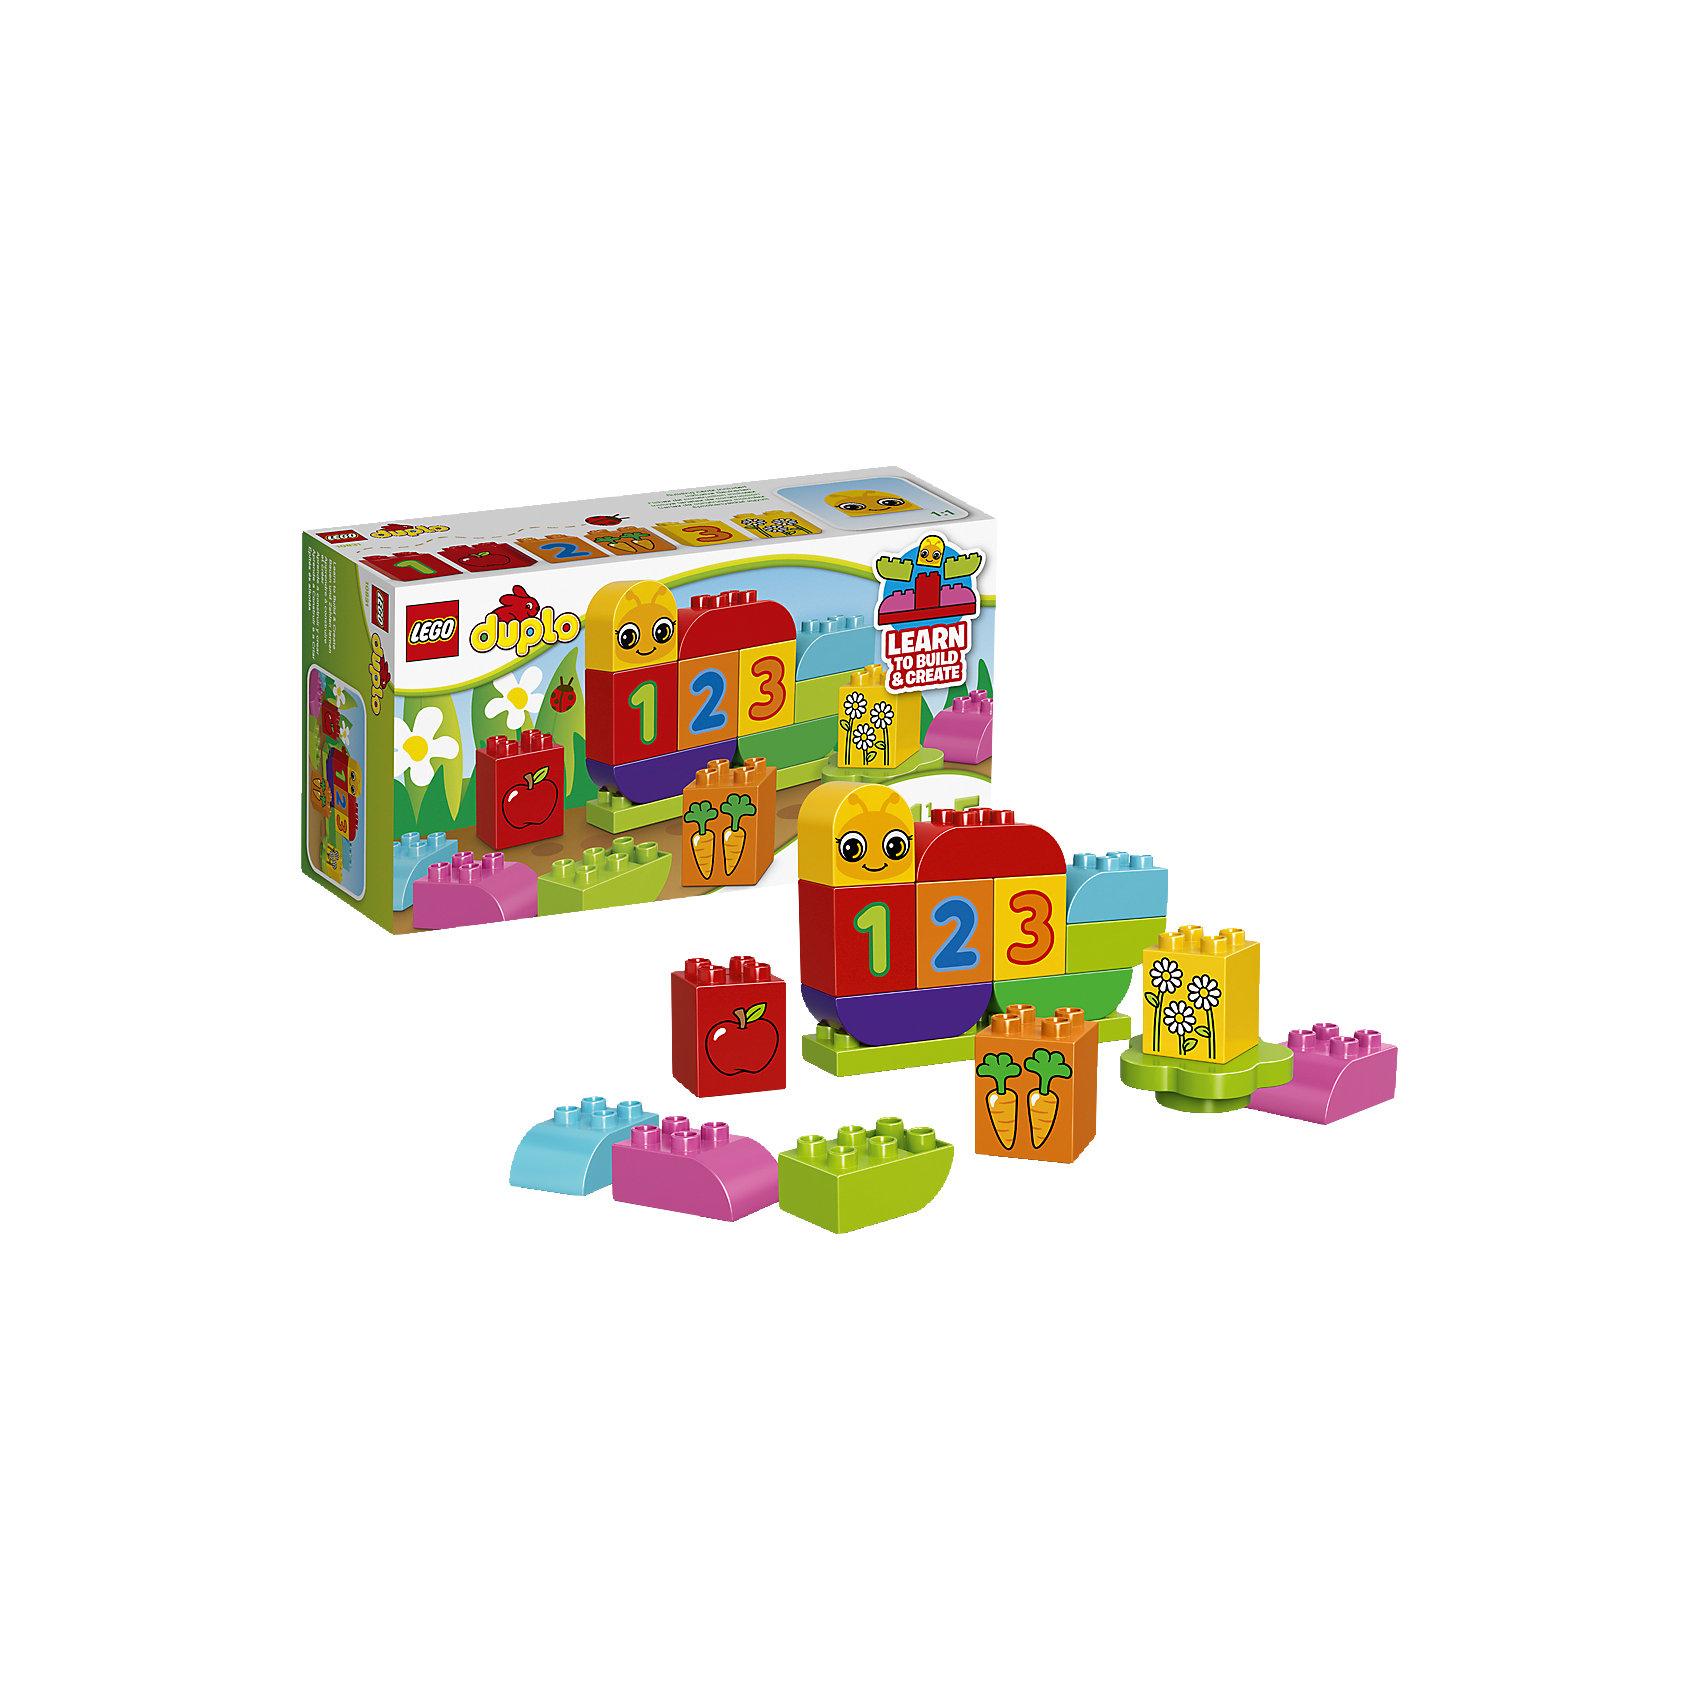 LEGO LEGO DUPLO 10831: Моя веселая гусеница lego duplo 10508 лего дупло большой поезд